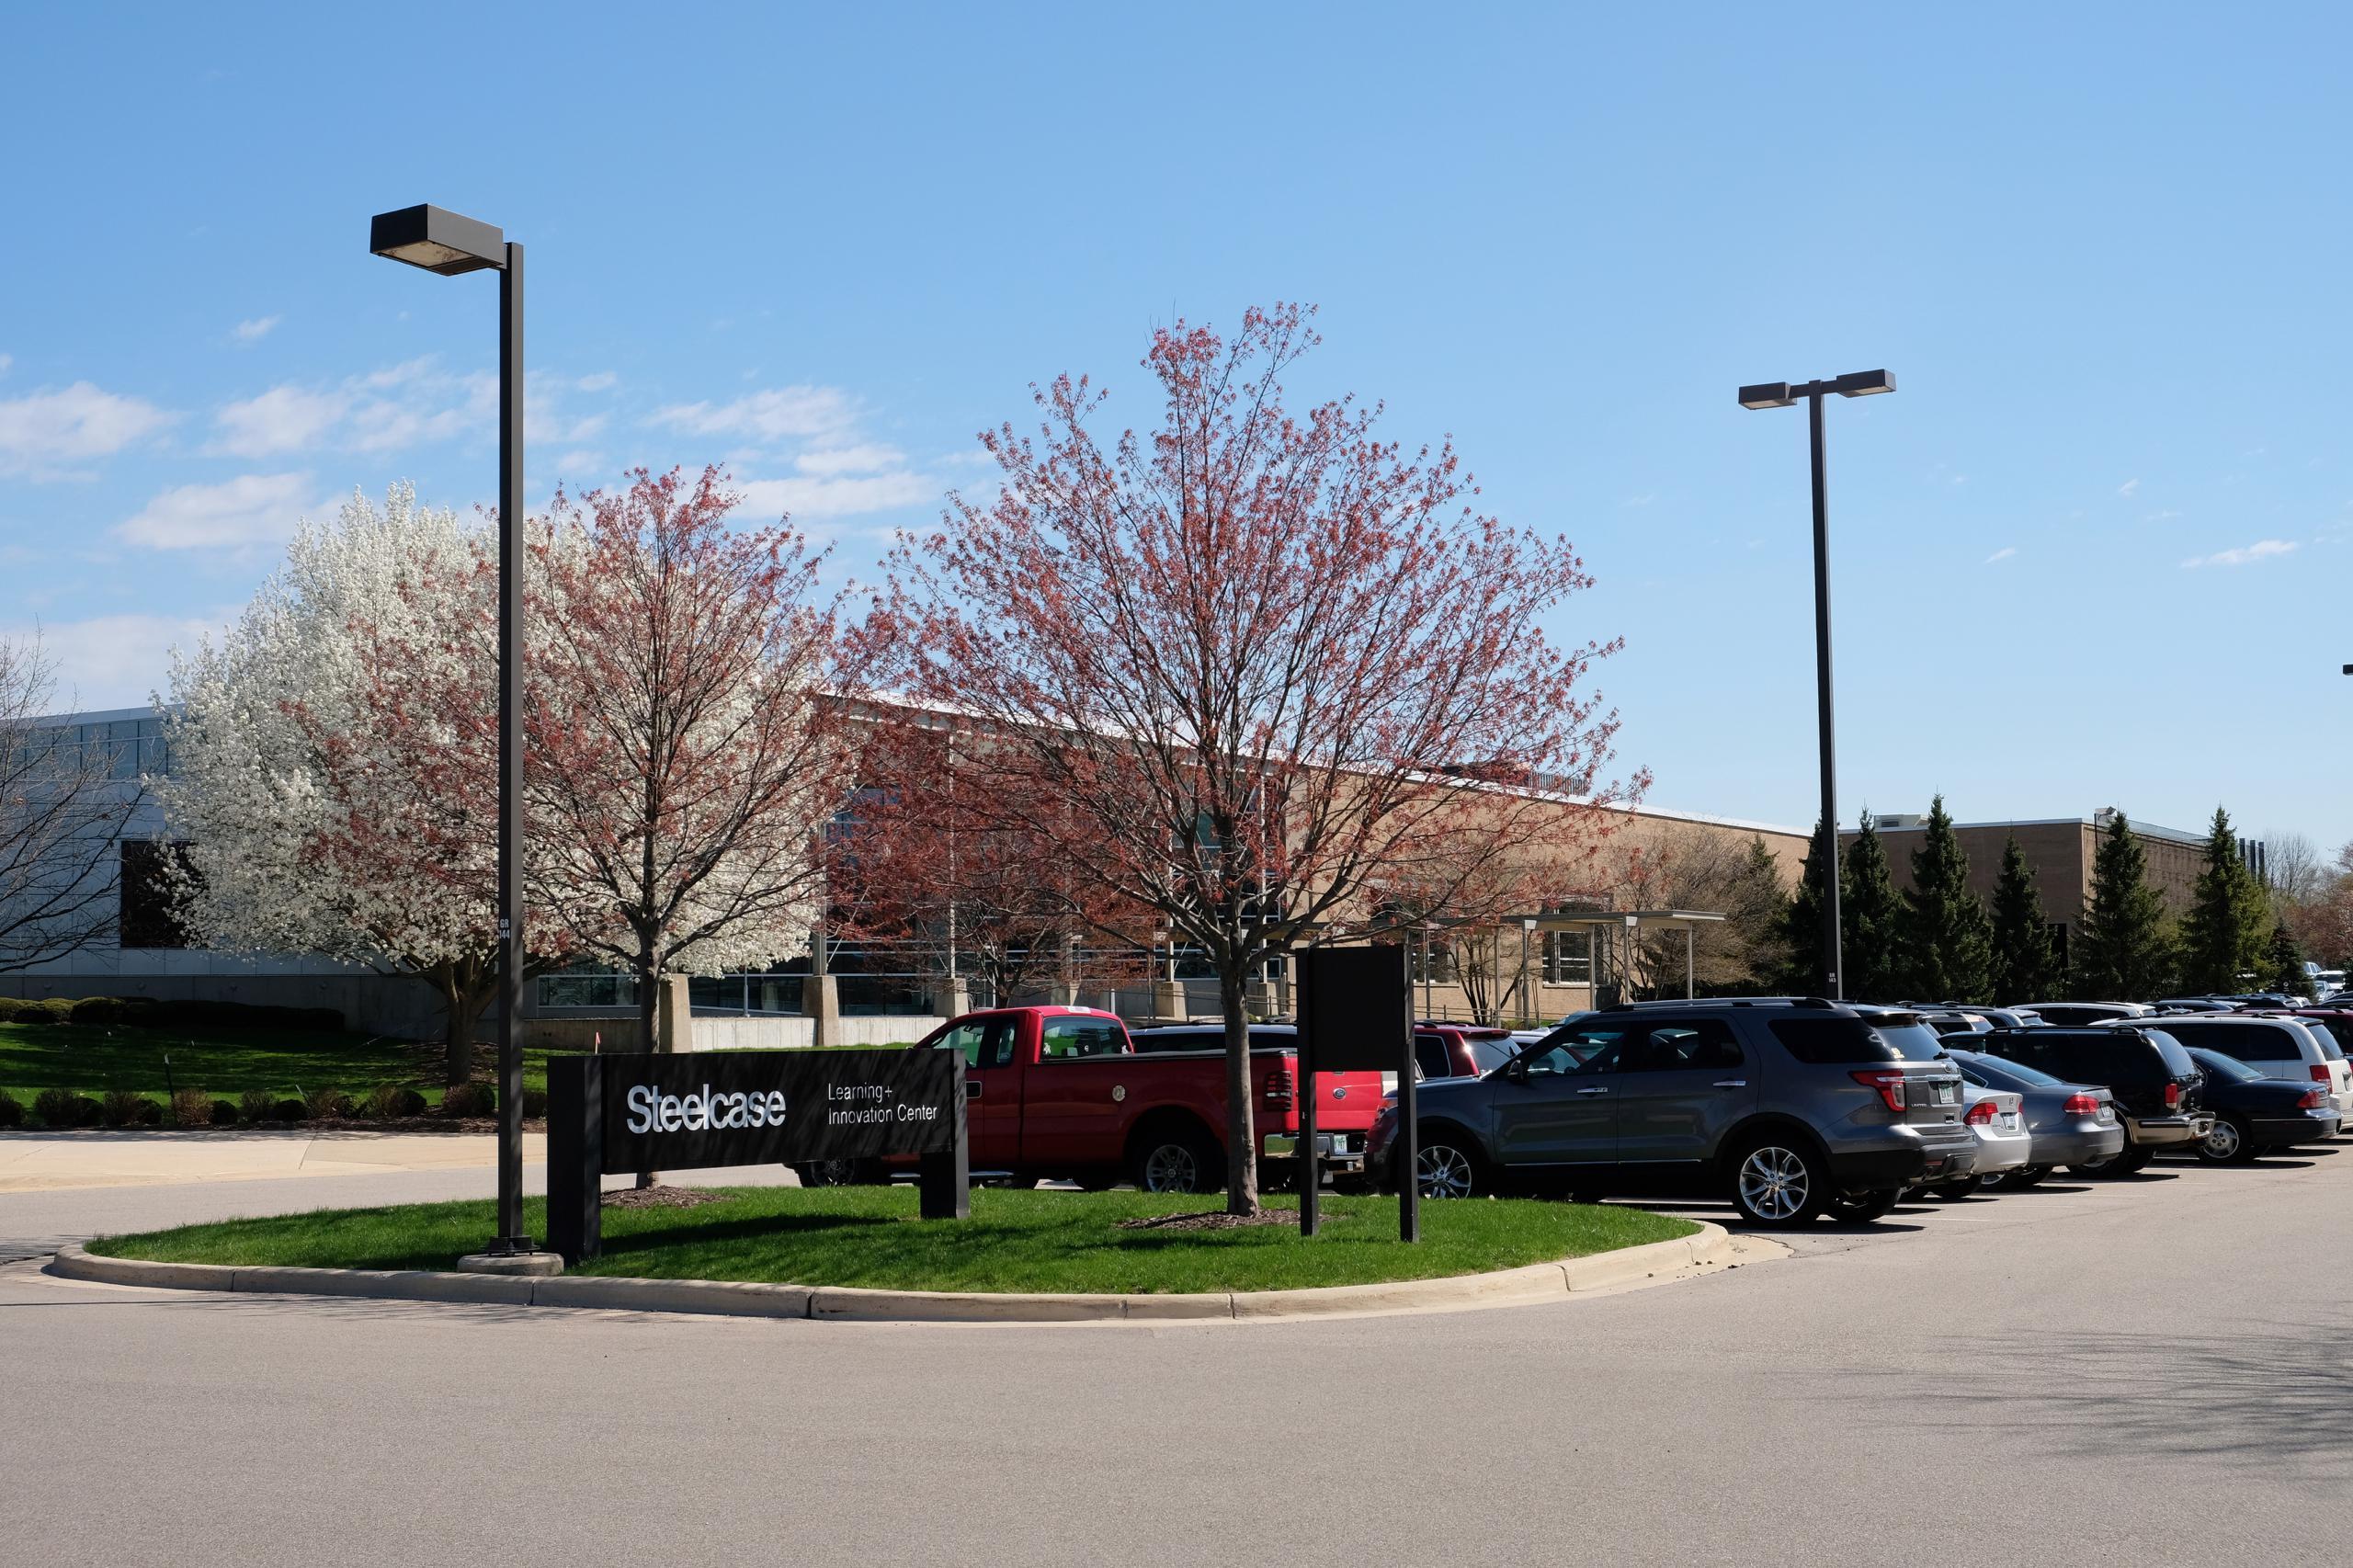 Steelcase's corporate headquarters in Grand Rapids, Michigan.